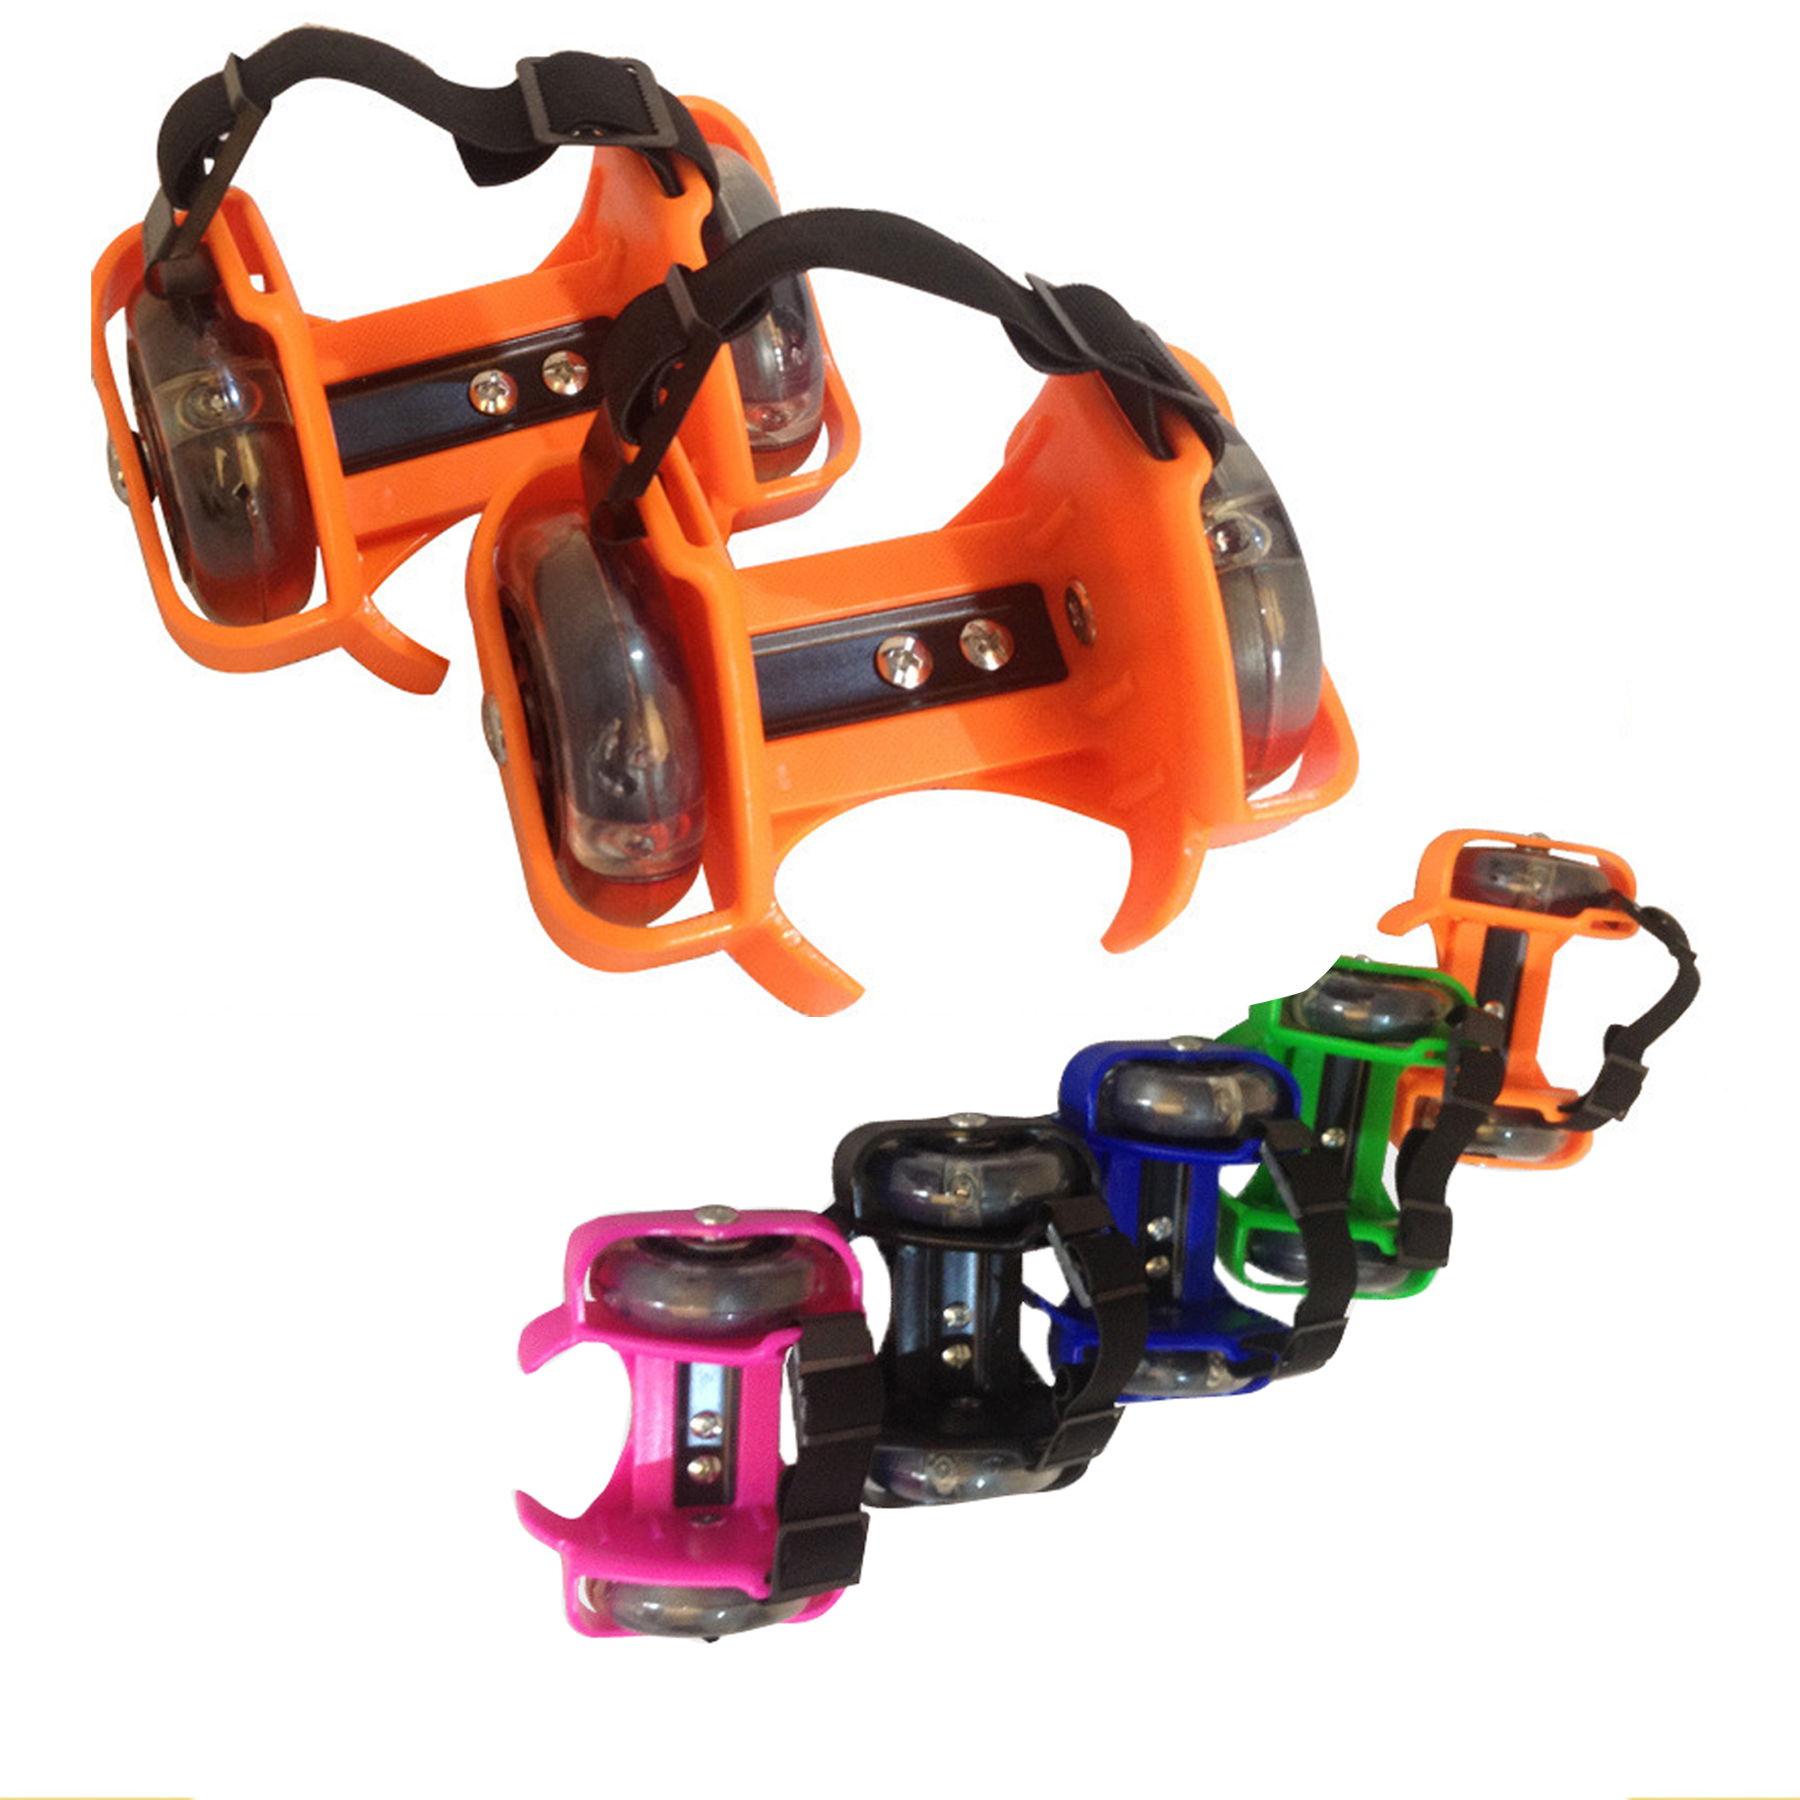 Prix pour Flash Roue skate chaussures sports de plein air Flash Emballement Poulie Roue Volante Chaussures Lumineux Lumière De Roue Chaussures À Roulettes pour les Enfants